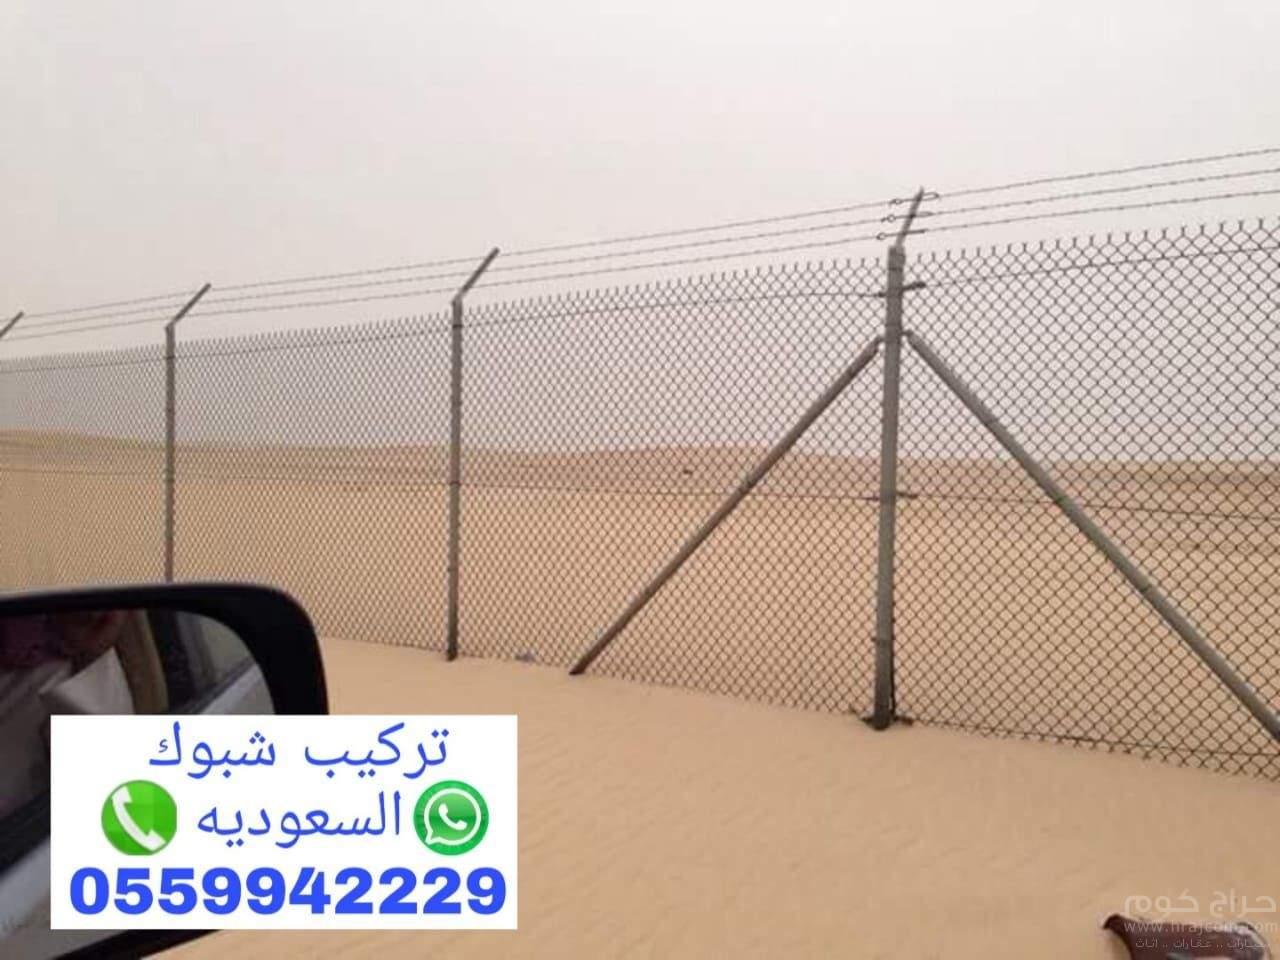 تركيب شبوك البيوت والملاعب و الأراضي و الإستراحات وشبوك الطرق والمشاريع 0559942229